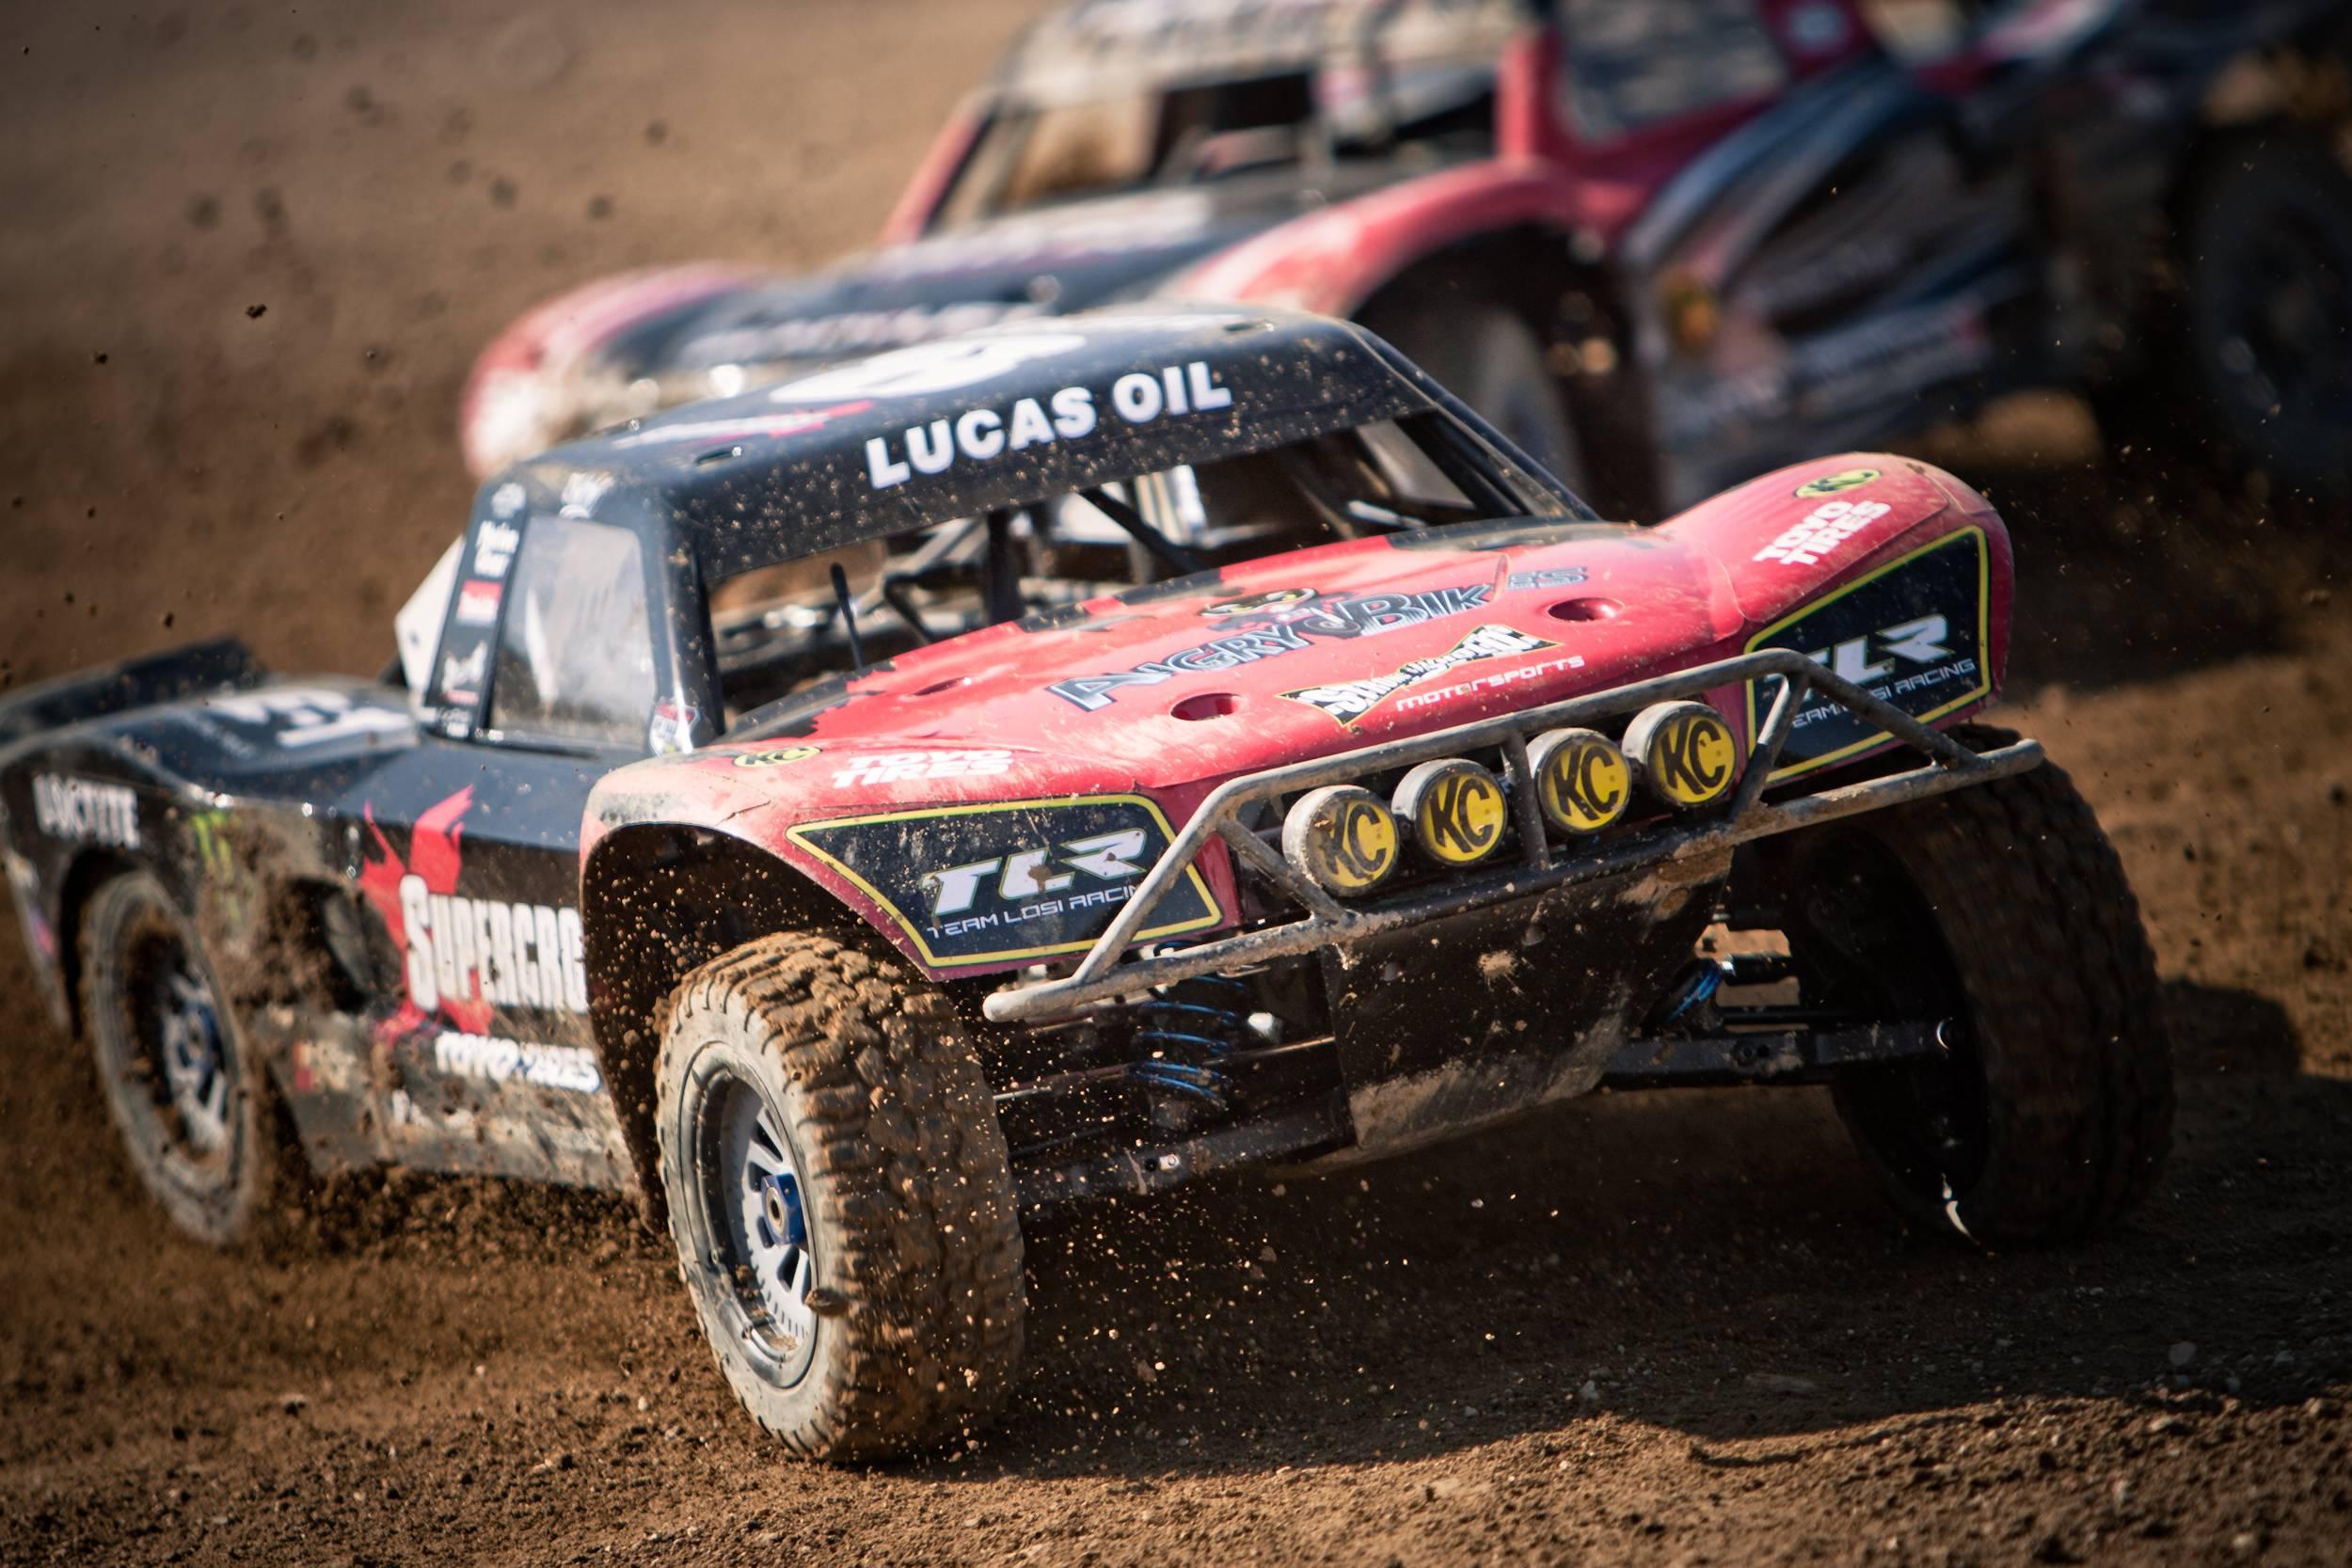 rc cars racing - HD2500×1667